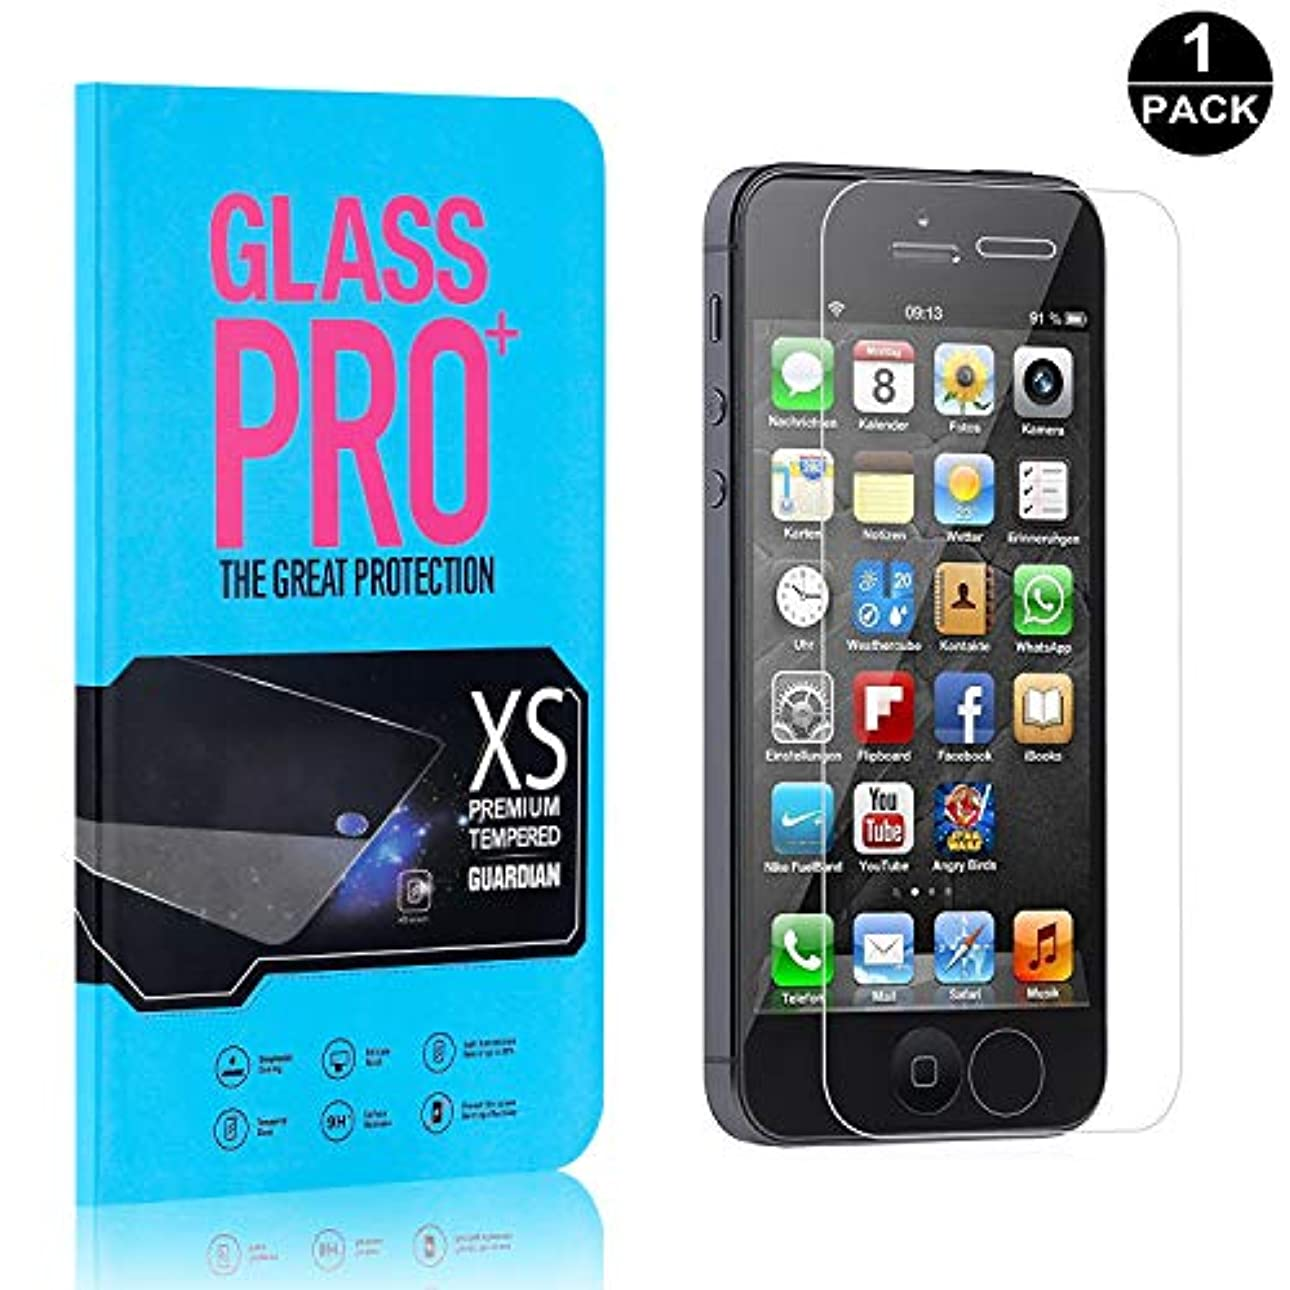 ブース実行するポンプ【1枚セット】 iPhone 5C 超薄 フィルム CUNUS Apple iPhone 5C 専用設計 強化ガラスフィルム 高透明度で 気泡防止 飛散防止 硬度9H 耐衝撃 超薄0.26mm 液晶保護フィルム